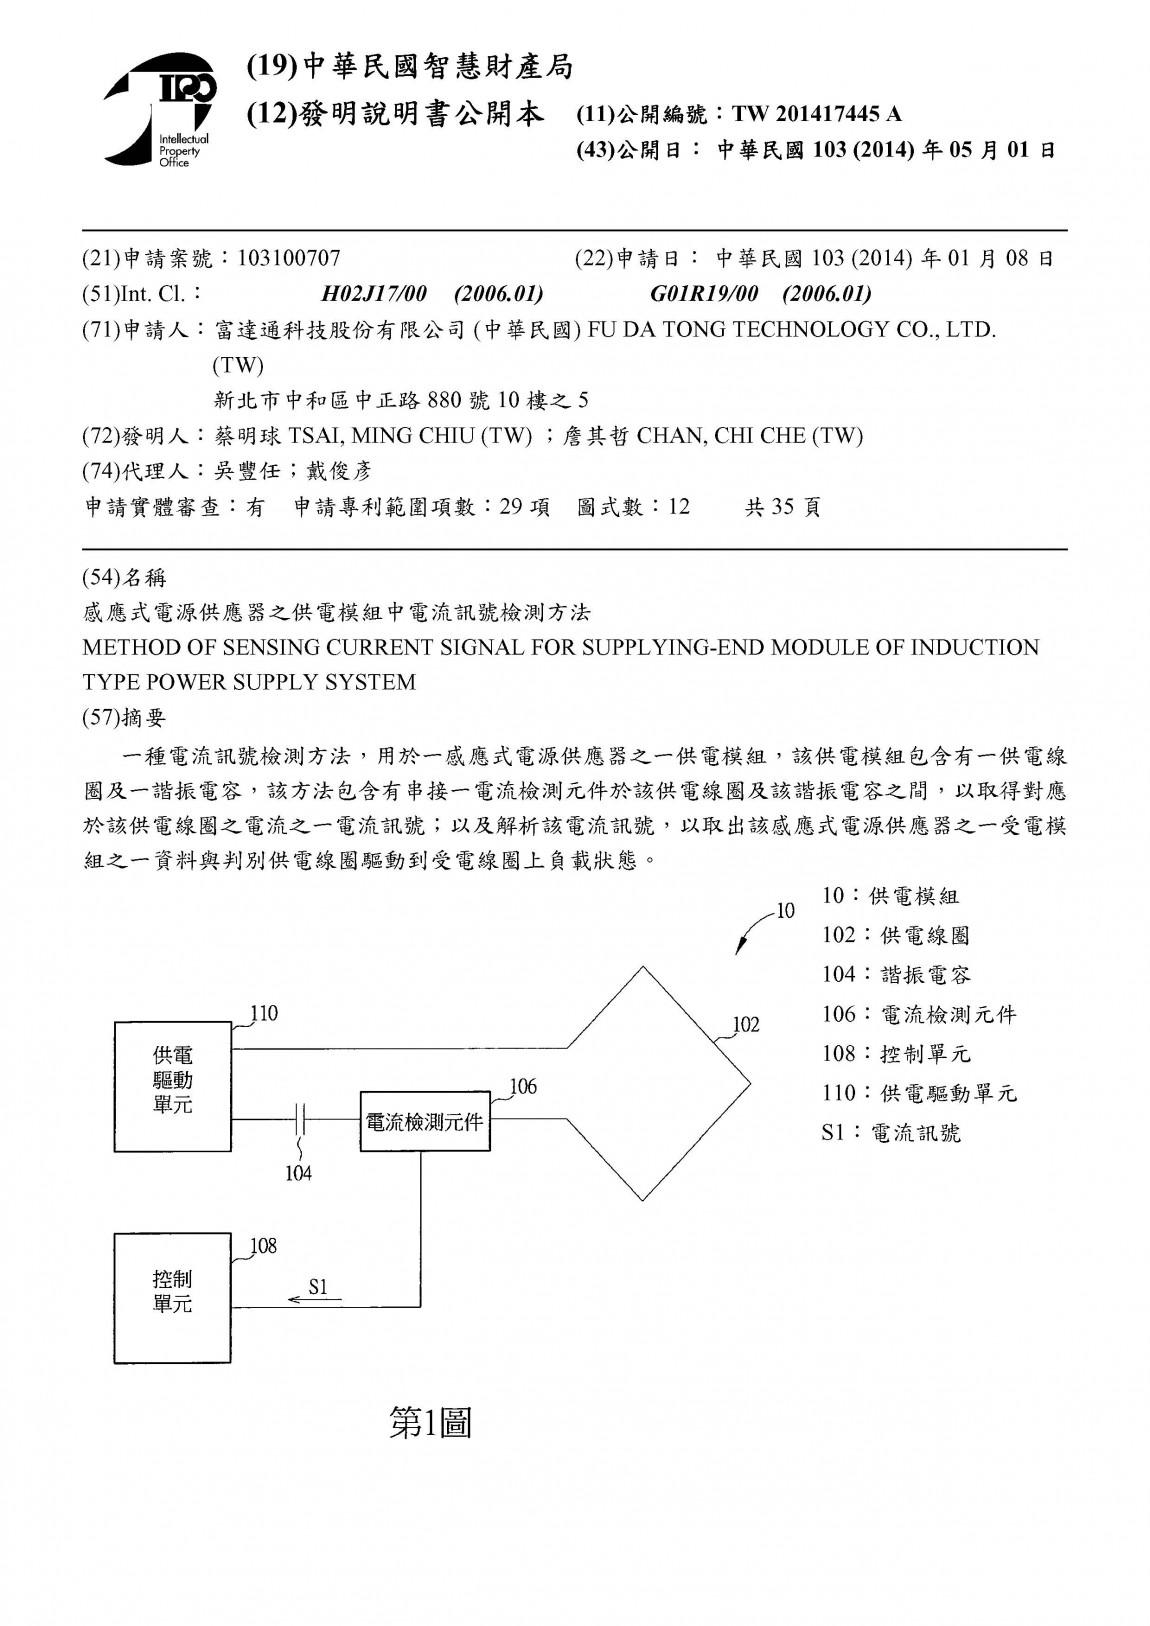 富達通專利23- 感應式電源供應器之供電模組中電流訊號檢測方法(台灣)201417445